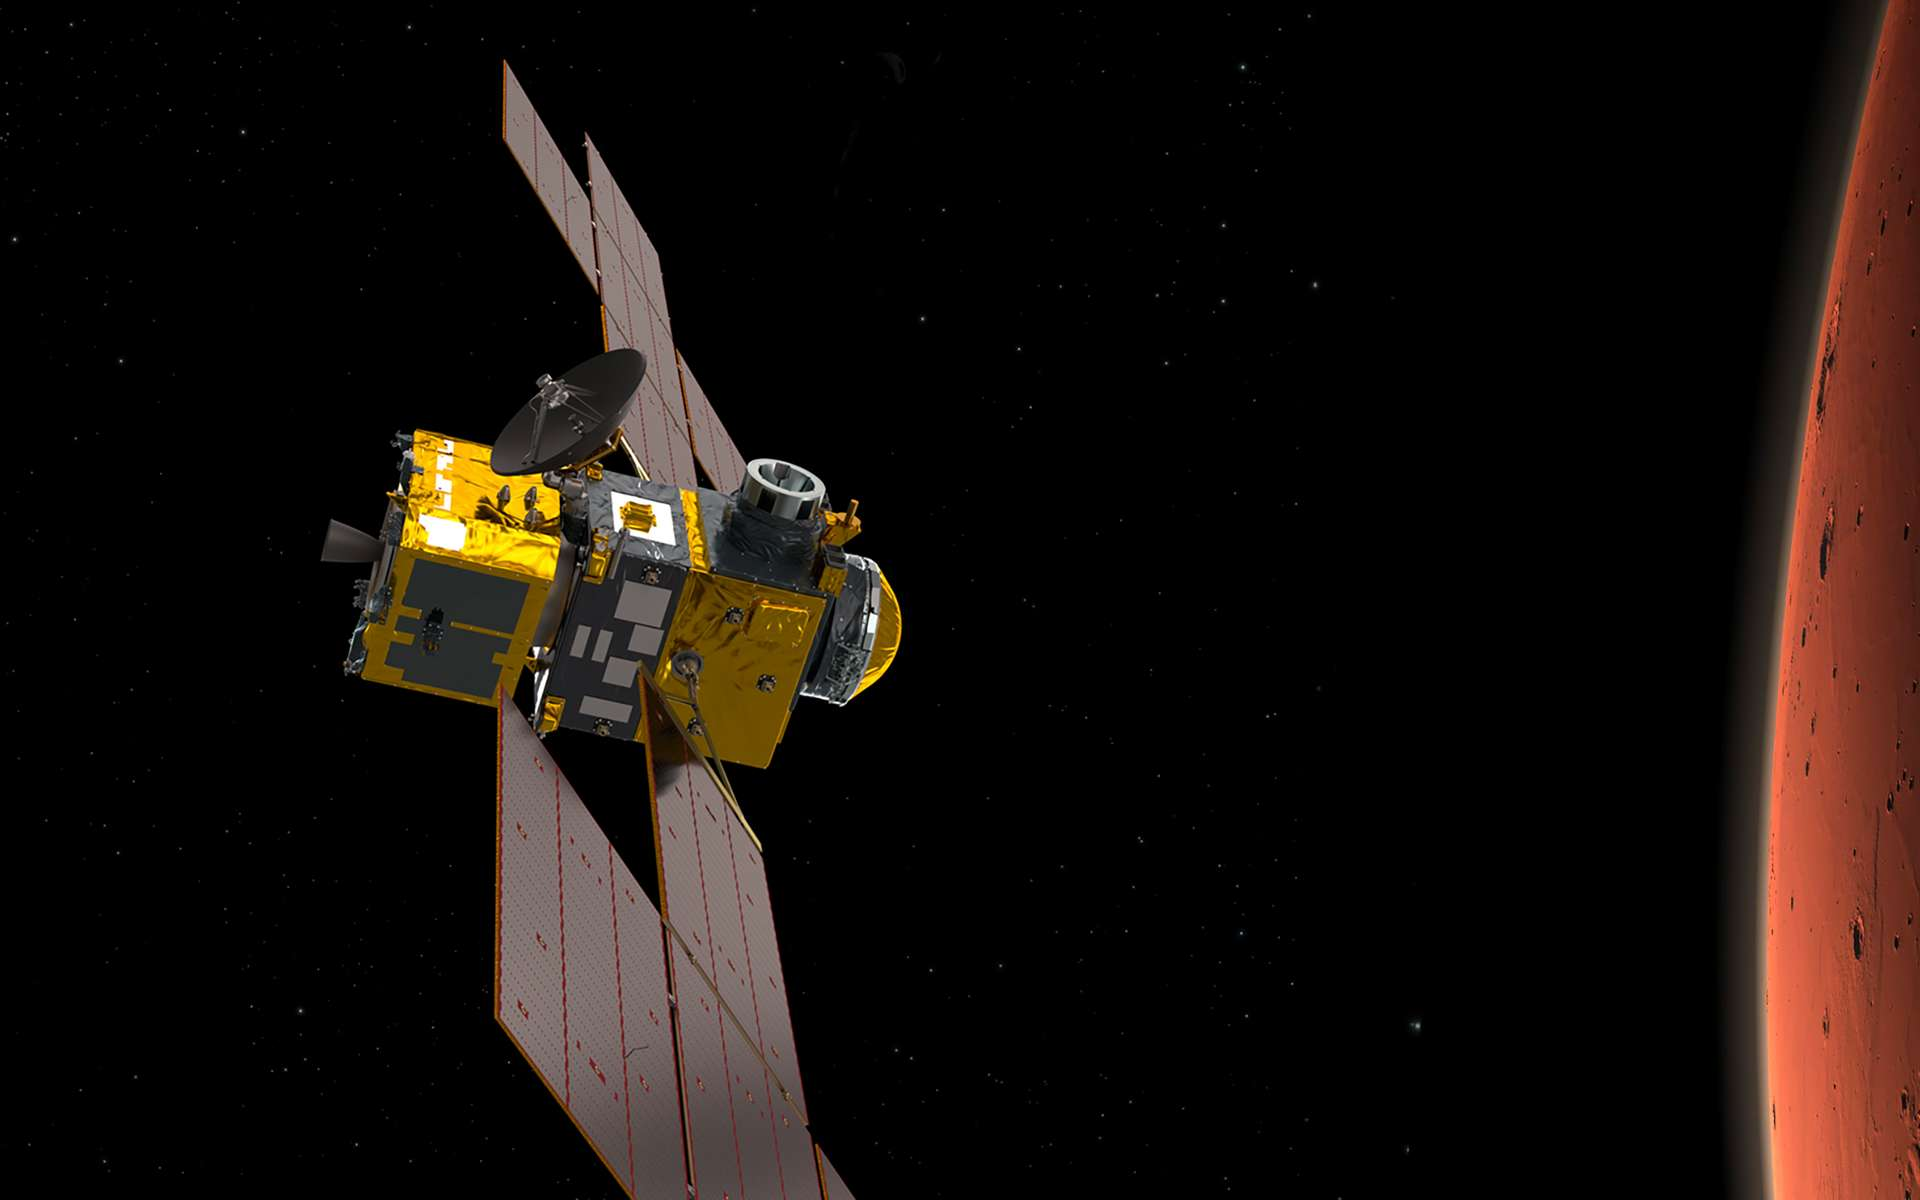 ERO (Earth Return Orbiter), le satellite de capture et de retour avec, à gauche, le module d'insertion en orbite (IOM). ERO, sera réalisé par Airbus et le module OIM par Thales Alenia Space sous la maîtrise d'œuvre d'Airbus. © ESA, ATG-Medialab